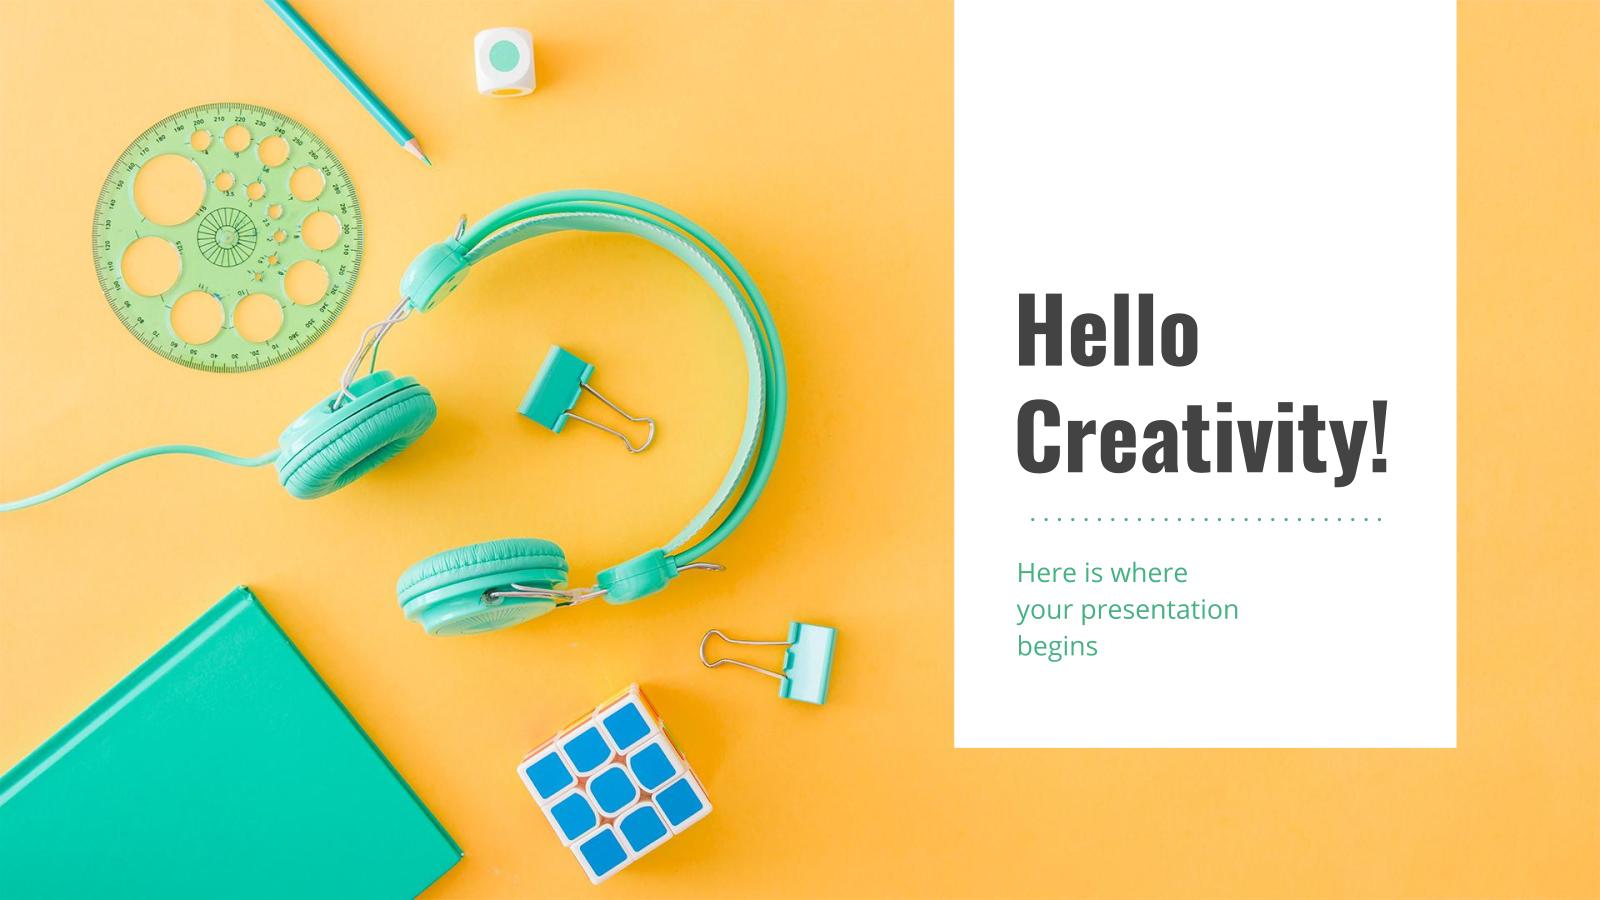 Modelo de apresentação Criatividade em cores